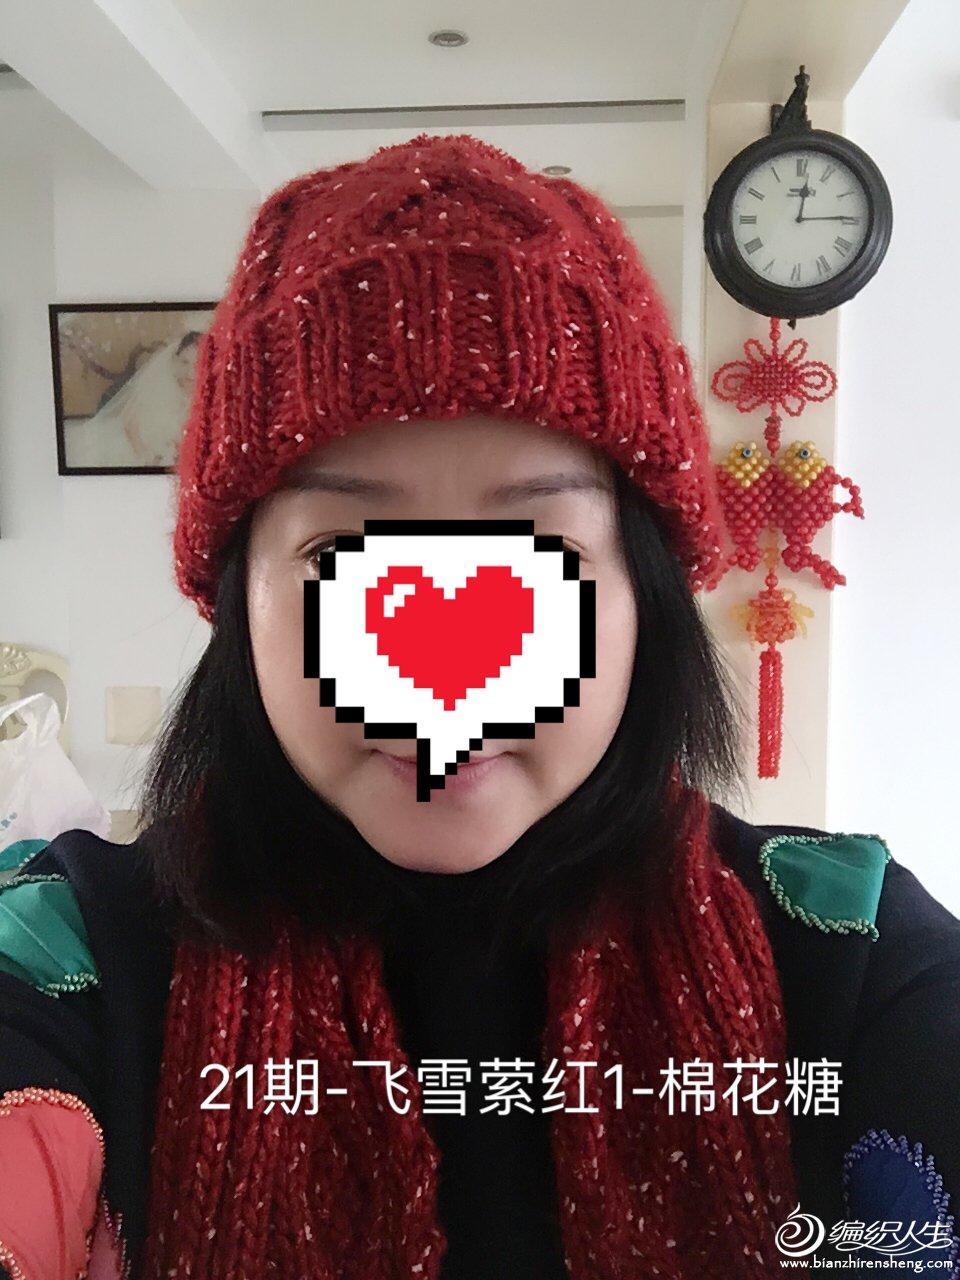 21期-飞雪萦红-棉花糖.jpg